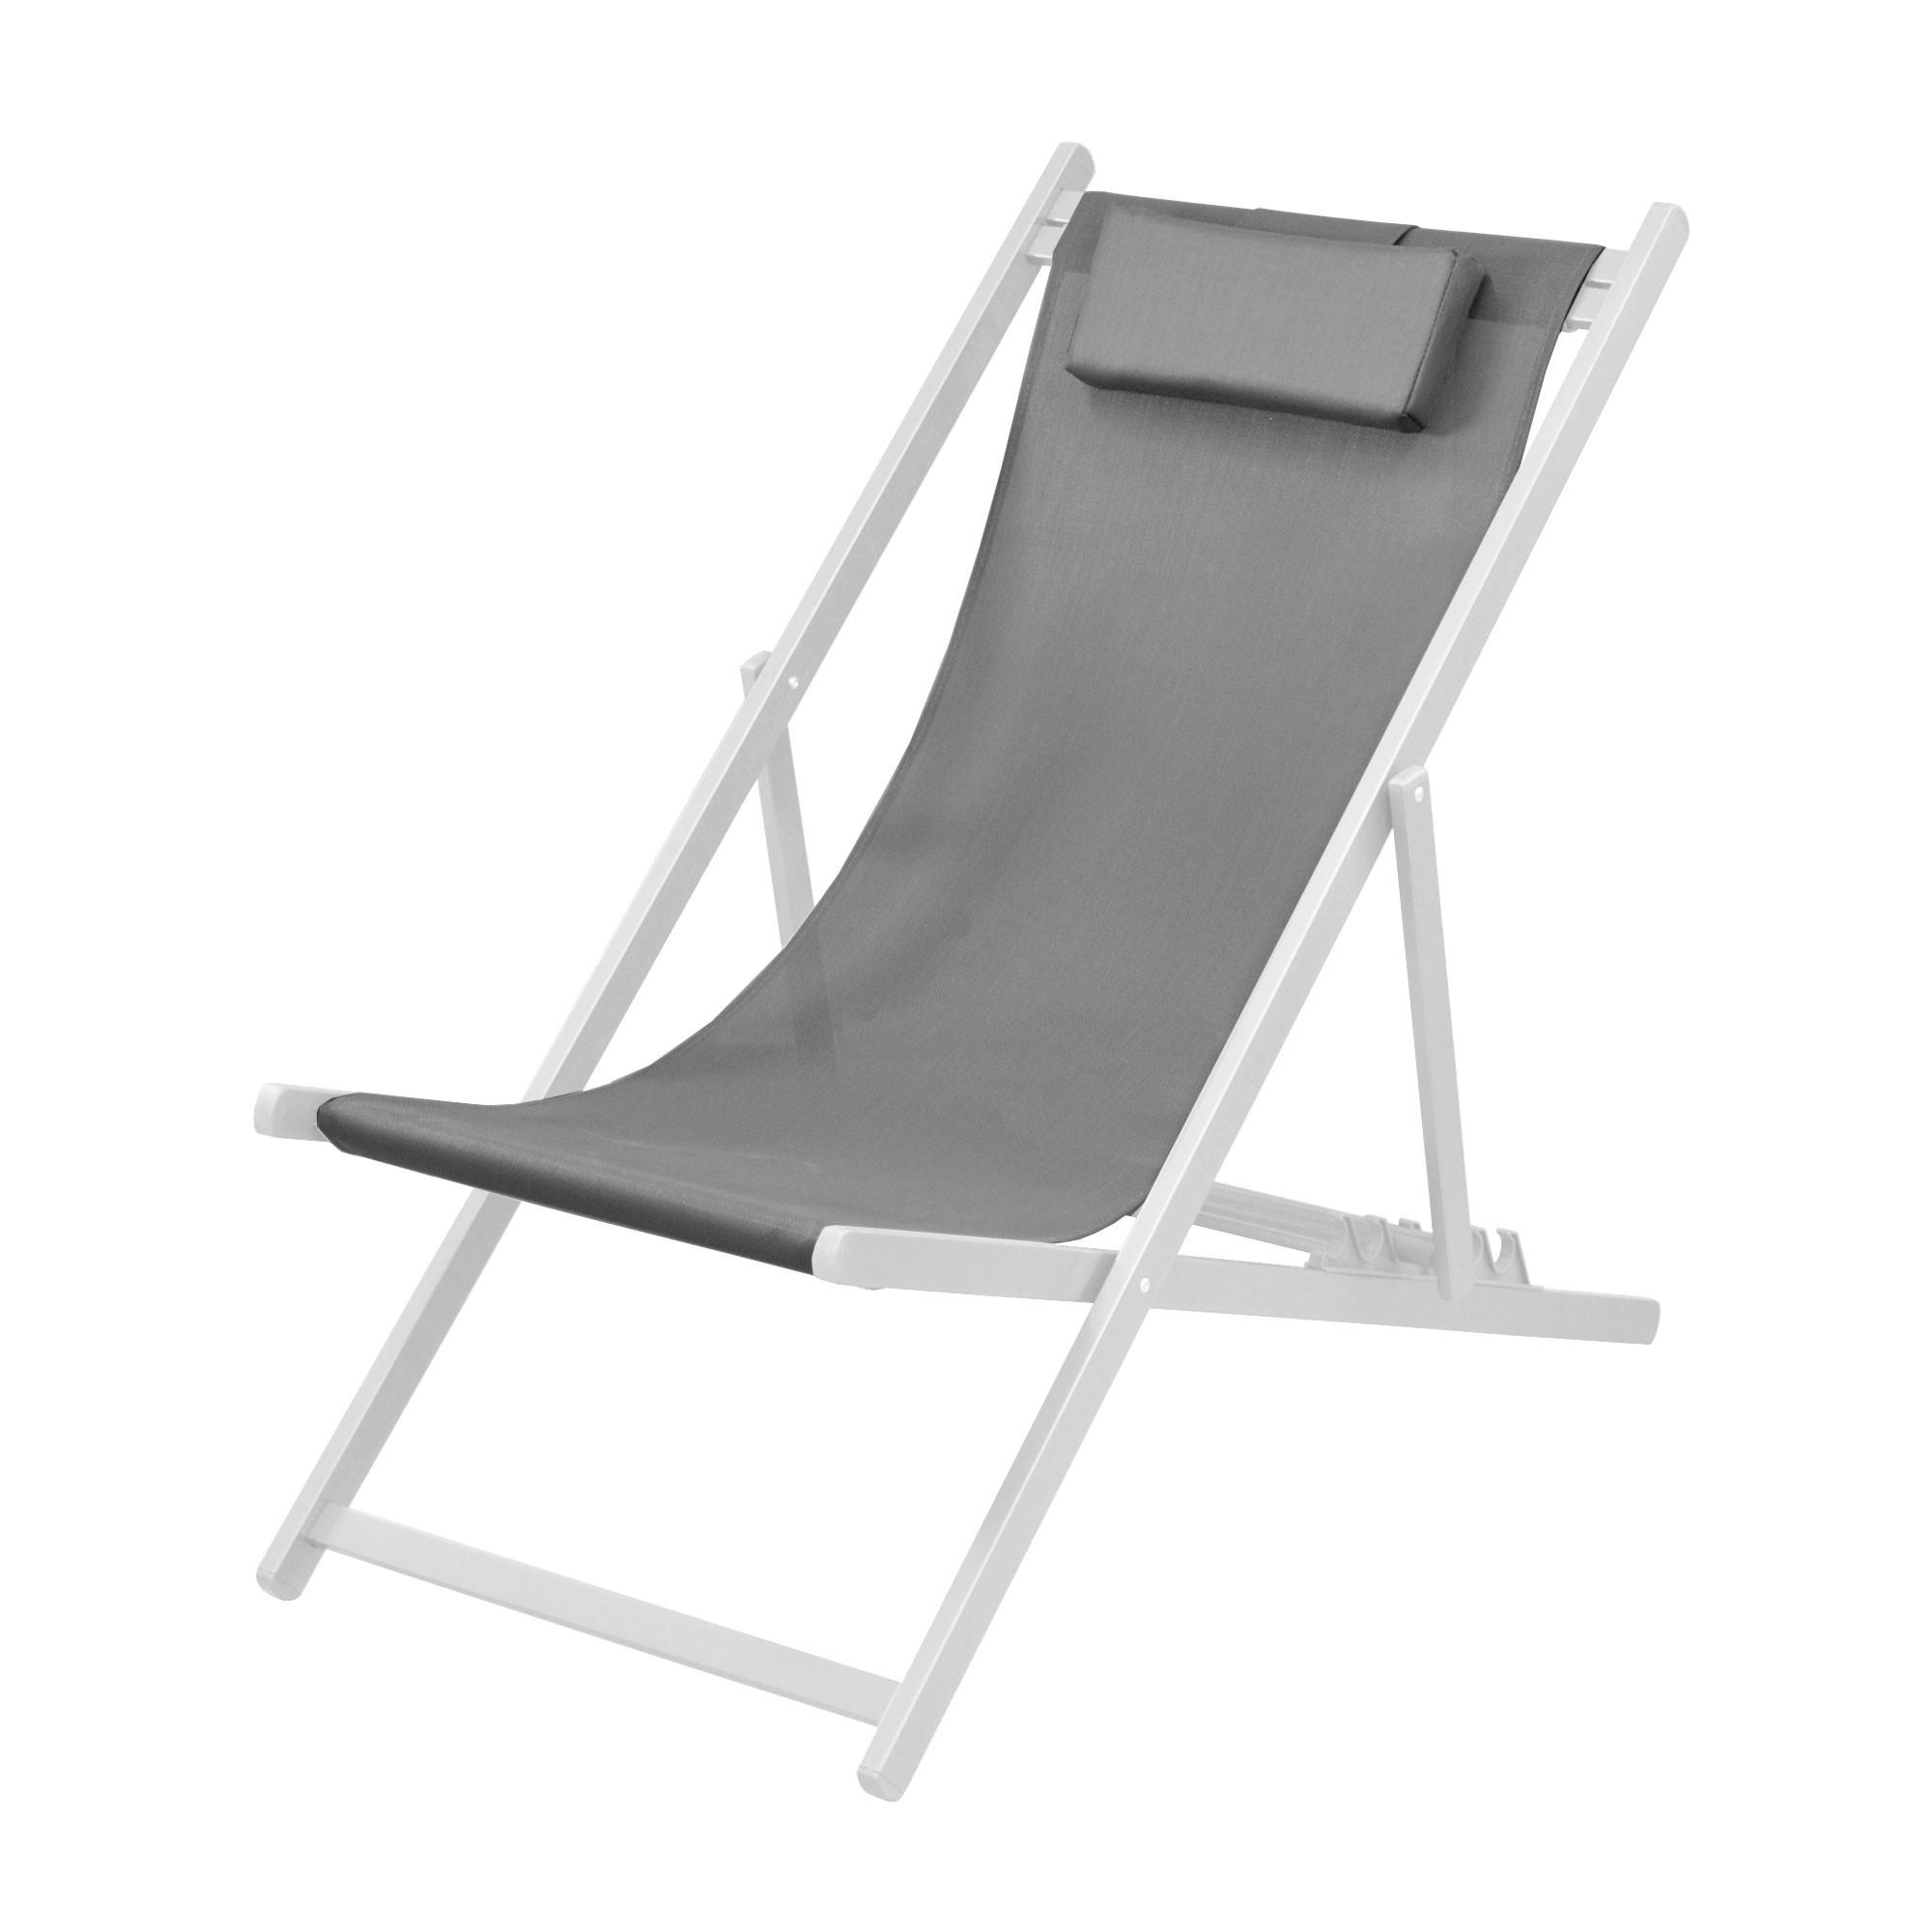 chaise longue calvi grise et blanche lot de 2 achetez nos chaises longues calvi grises et. Black Bedroom Furniture Sets. Home Design Ideas